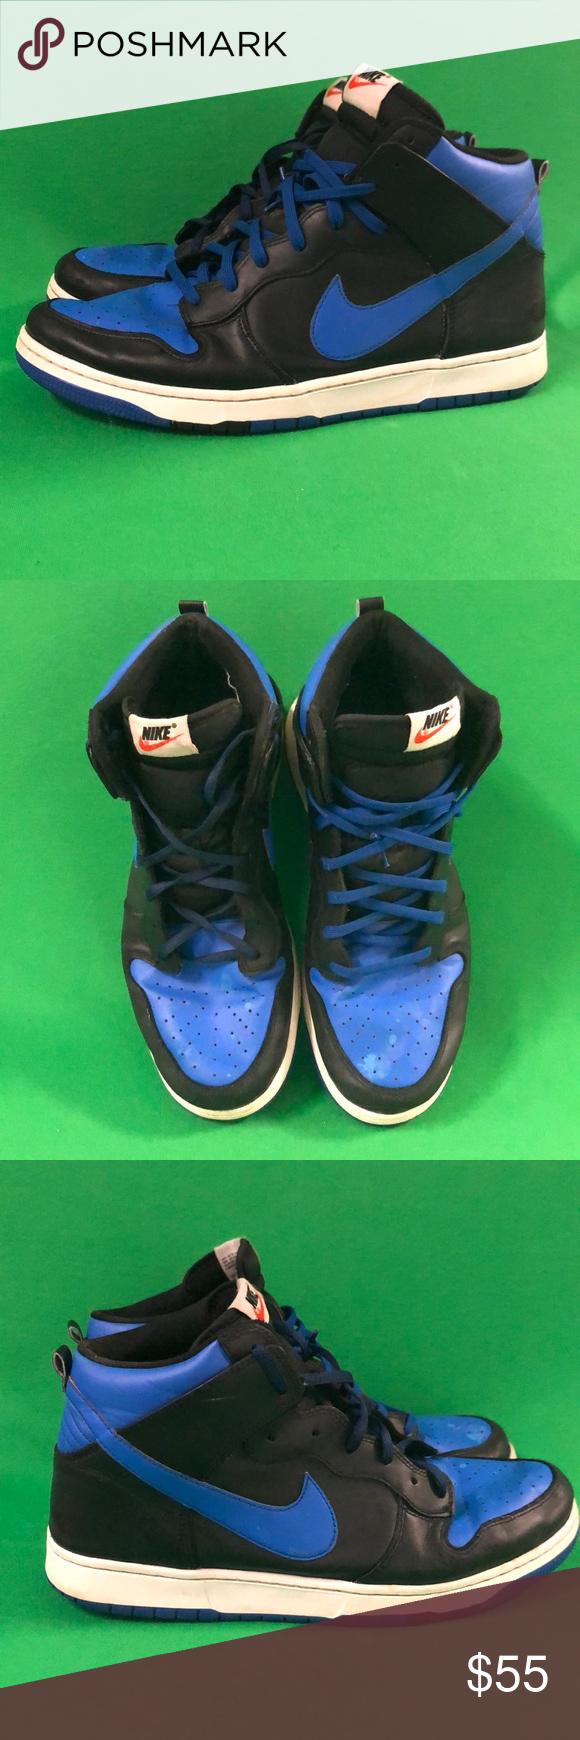 promo code a75c3 b7e36 Nike Dunk High CMFT Black & Lyon Blue sneakers Nike Dunk High CMFT Black &  Lyon